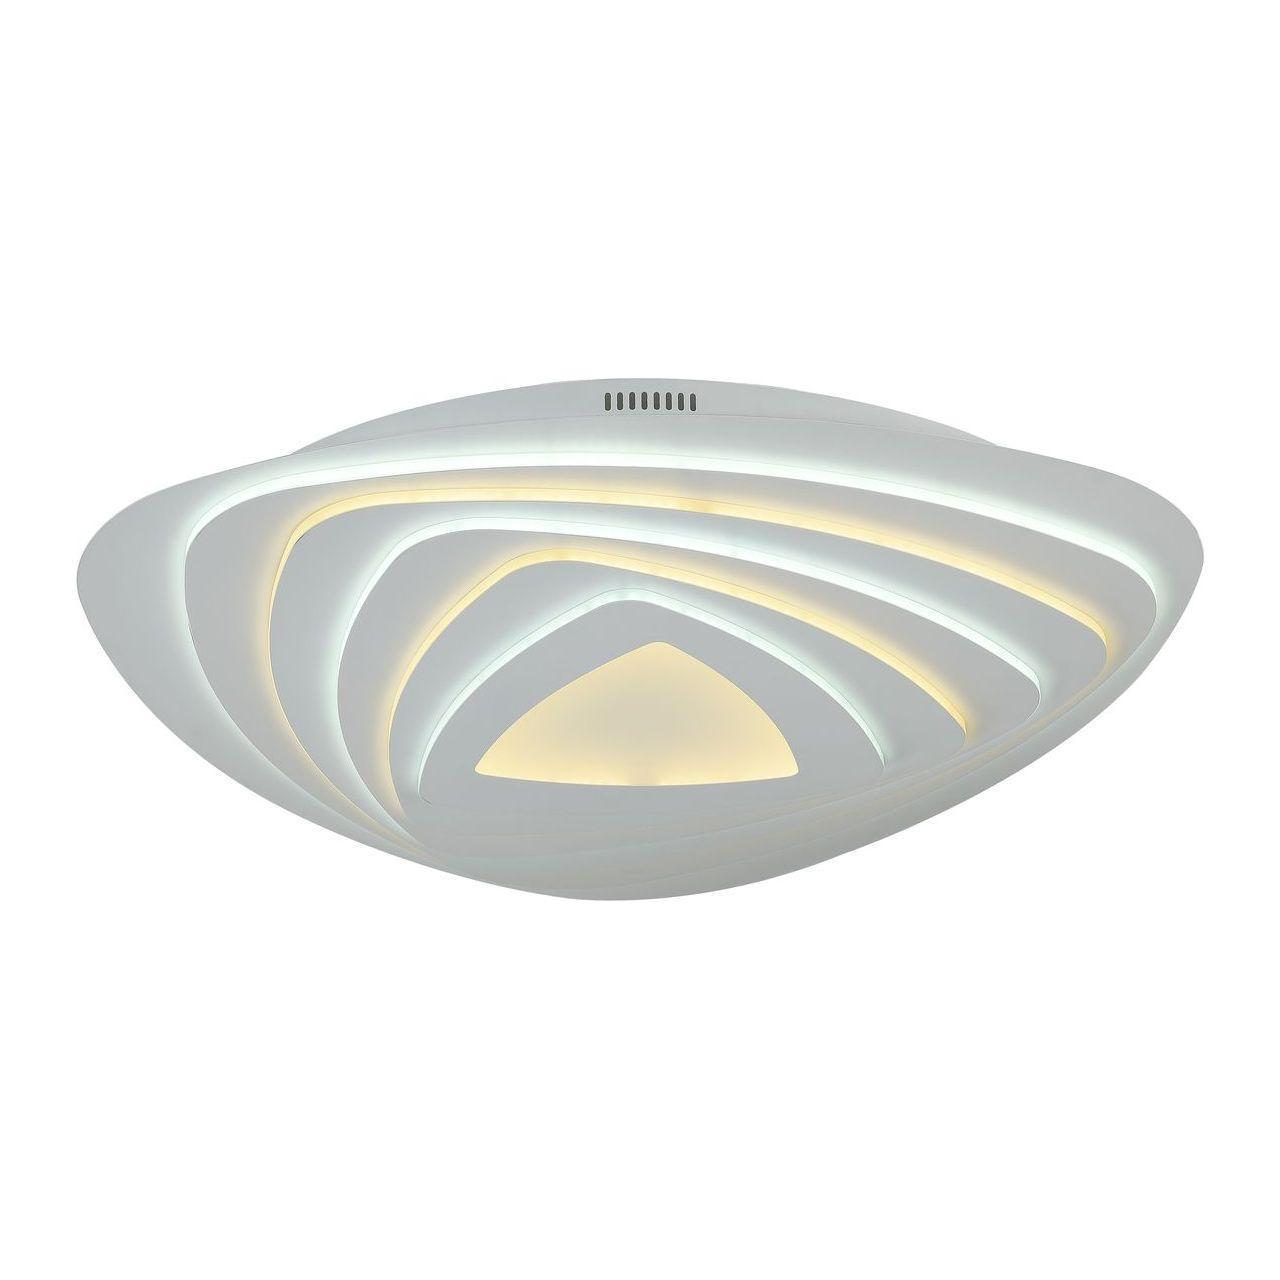 Потолочный светодиодный светильник F-Promo Ledolution 2288-8C все цены